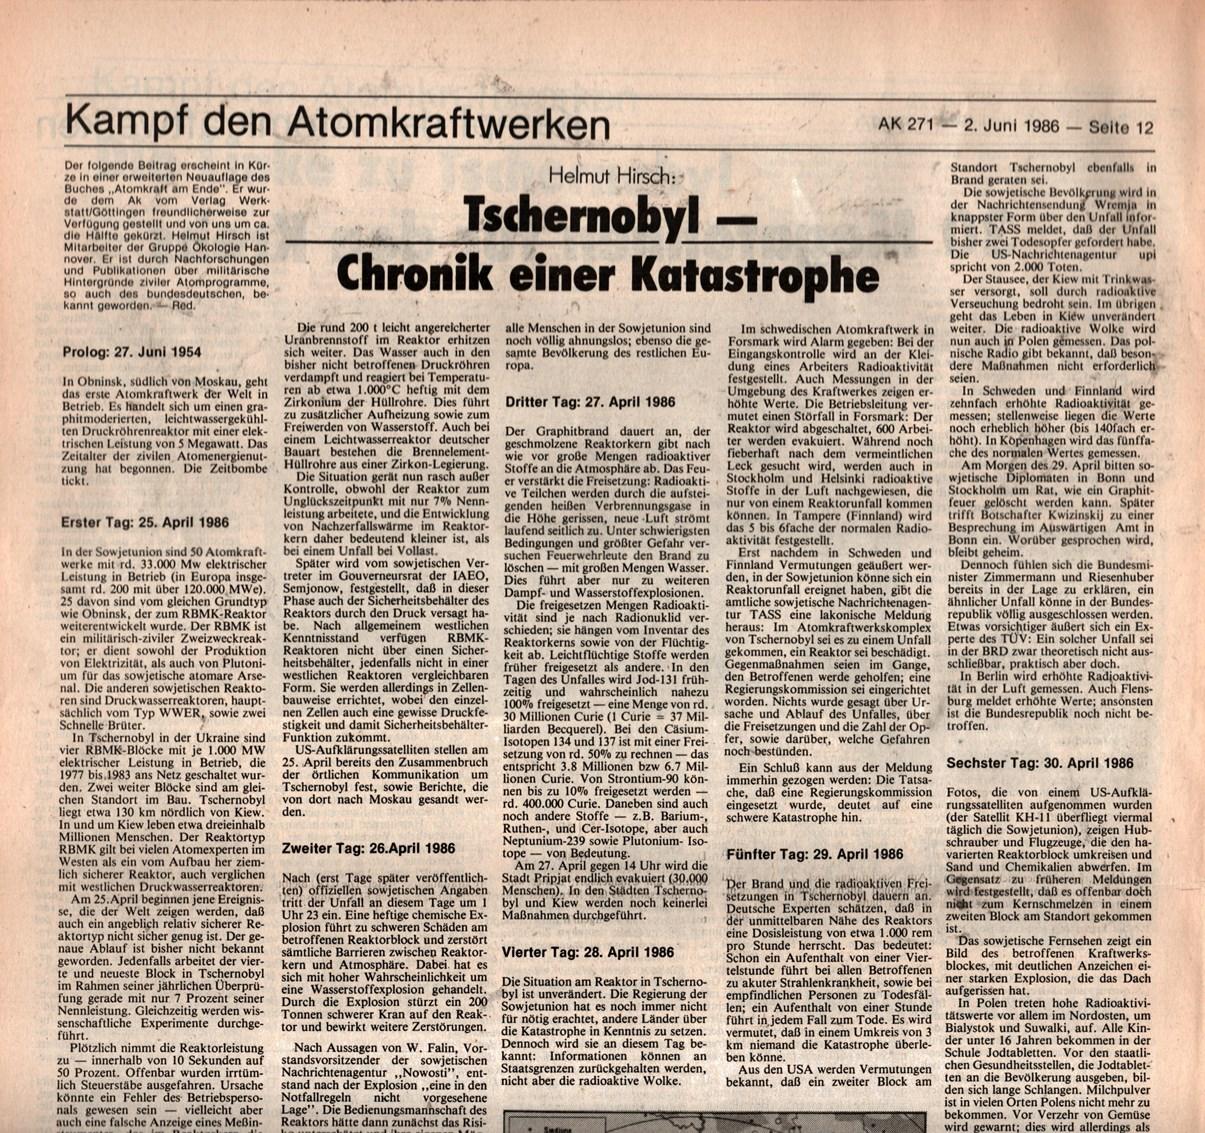 KB_AK_1986_271_023